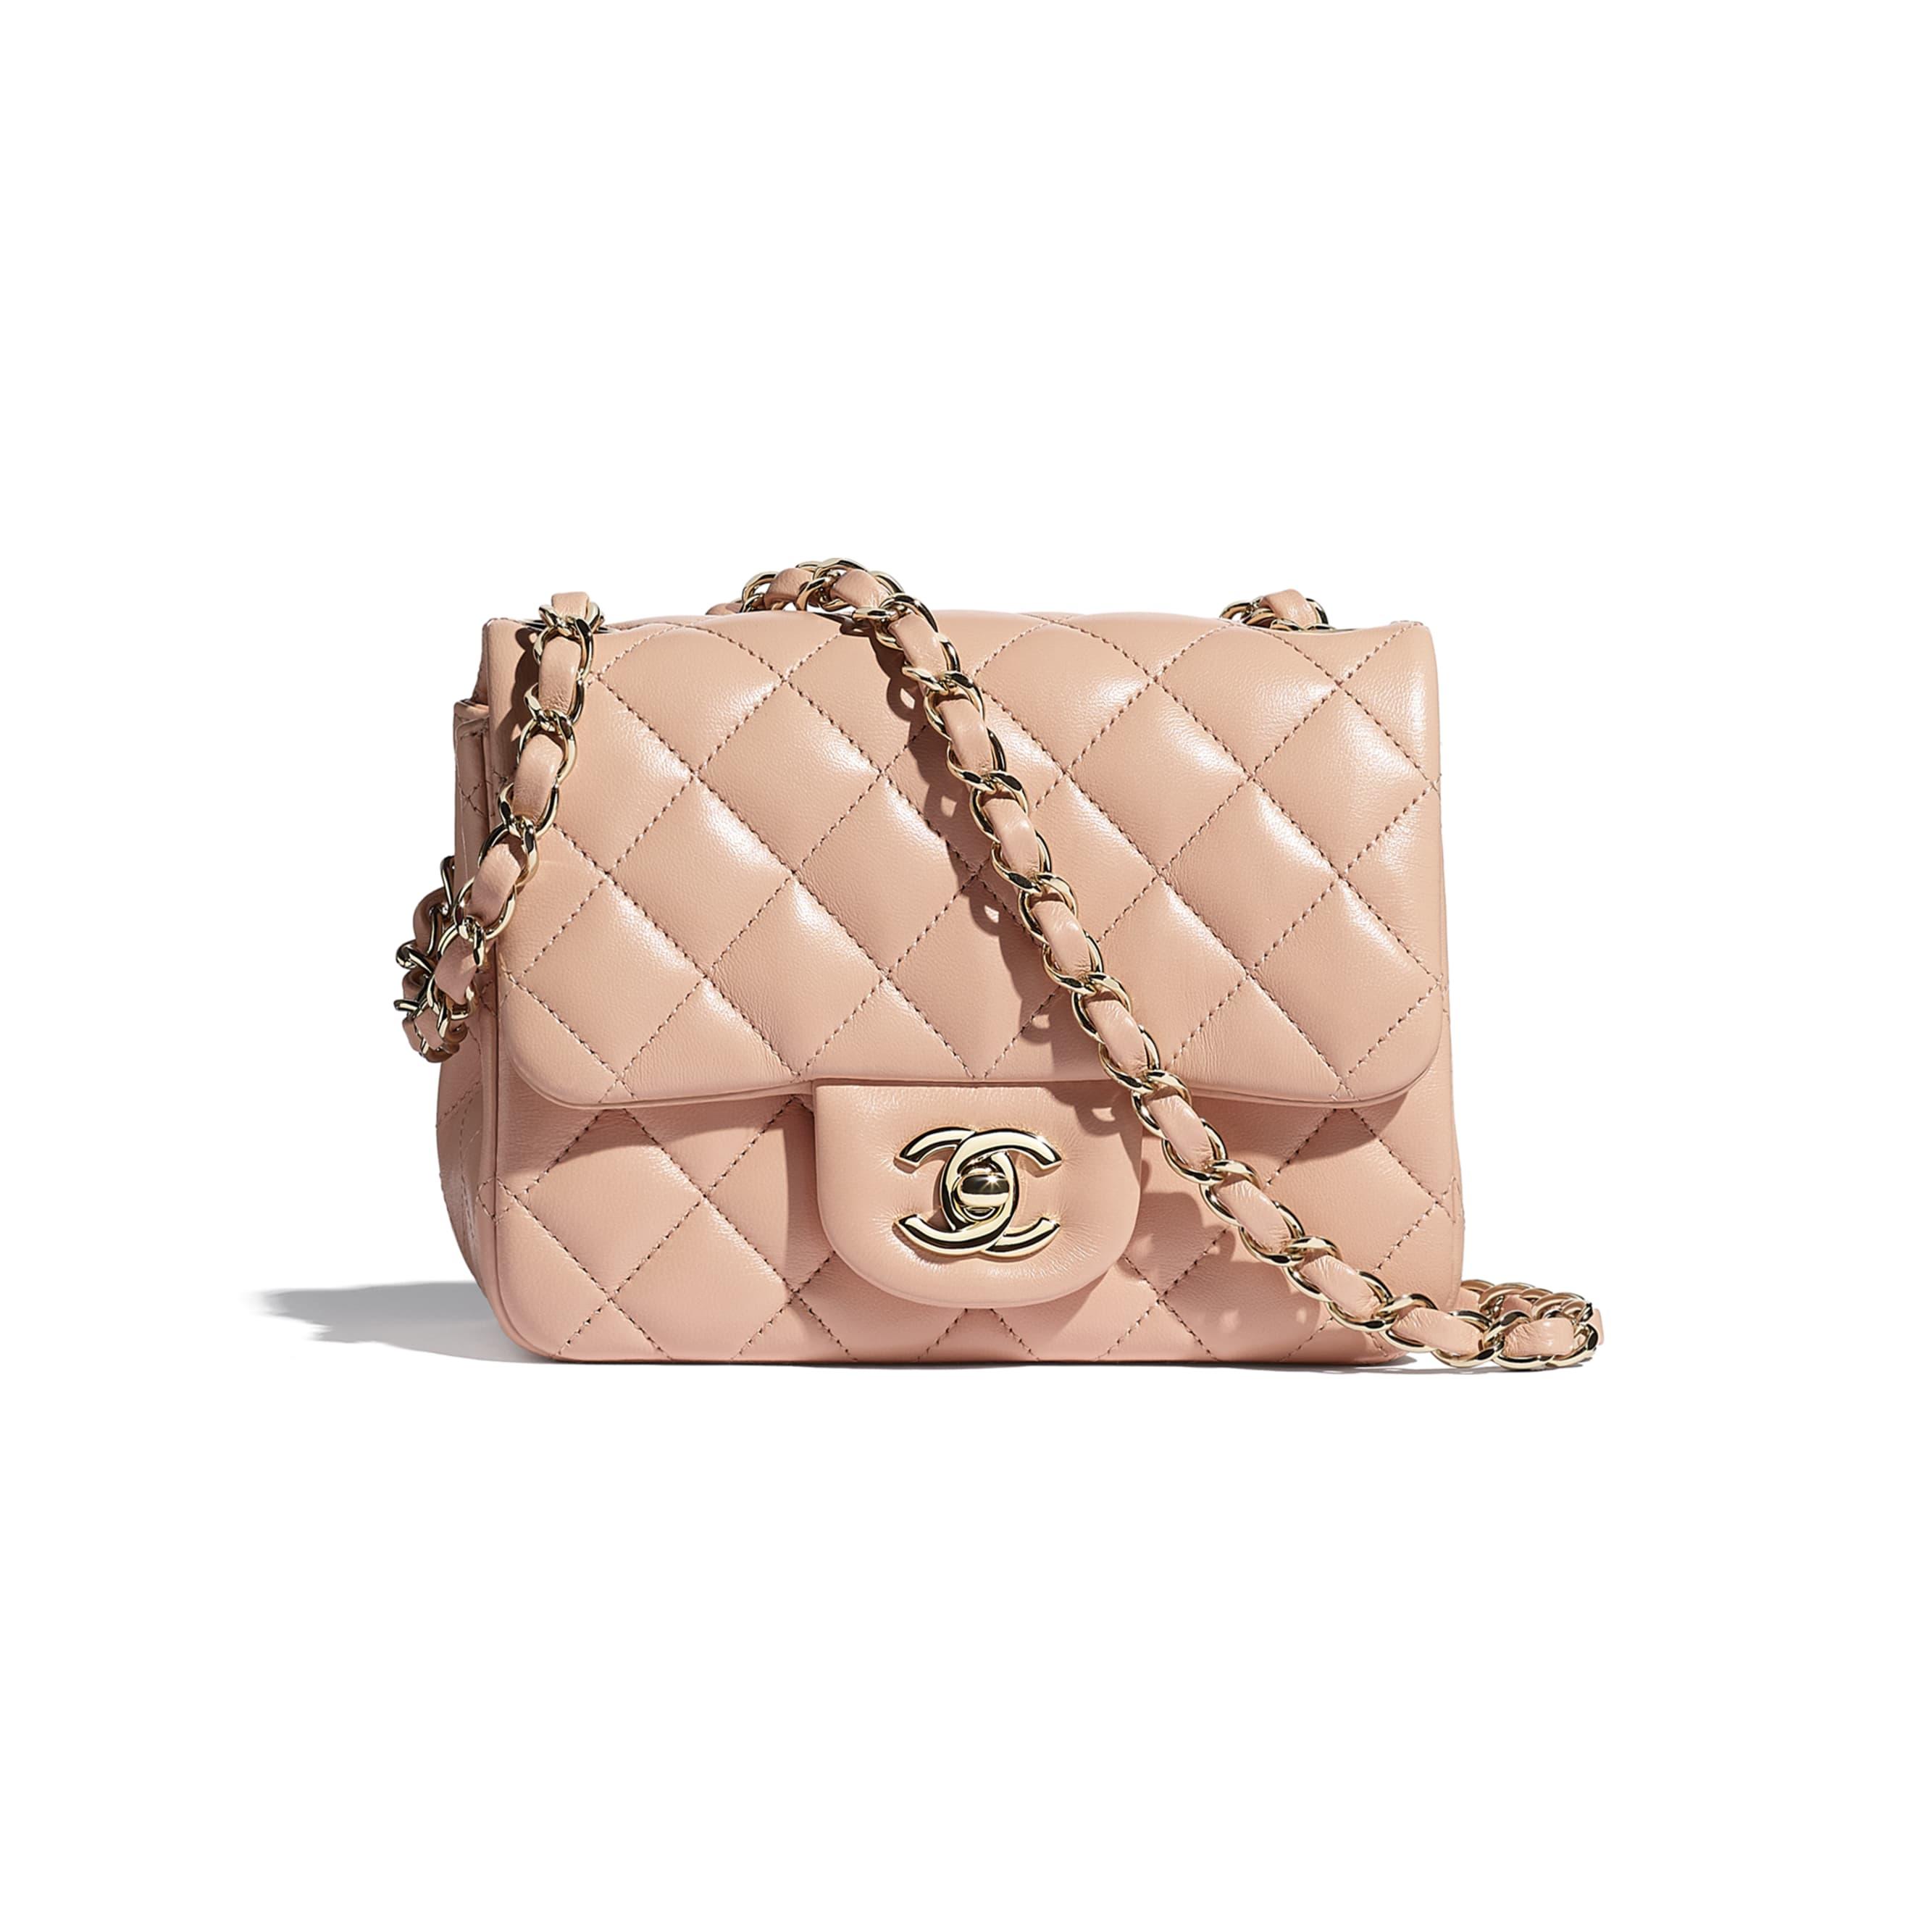 Borsa piccola - Rosa chiaro - Pelle di agnello & metallo effetto dorato - CHANEL - Immagine predefinita - vedere versione standard